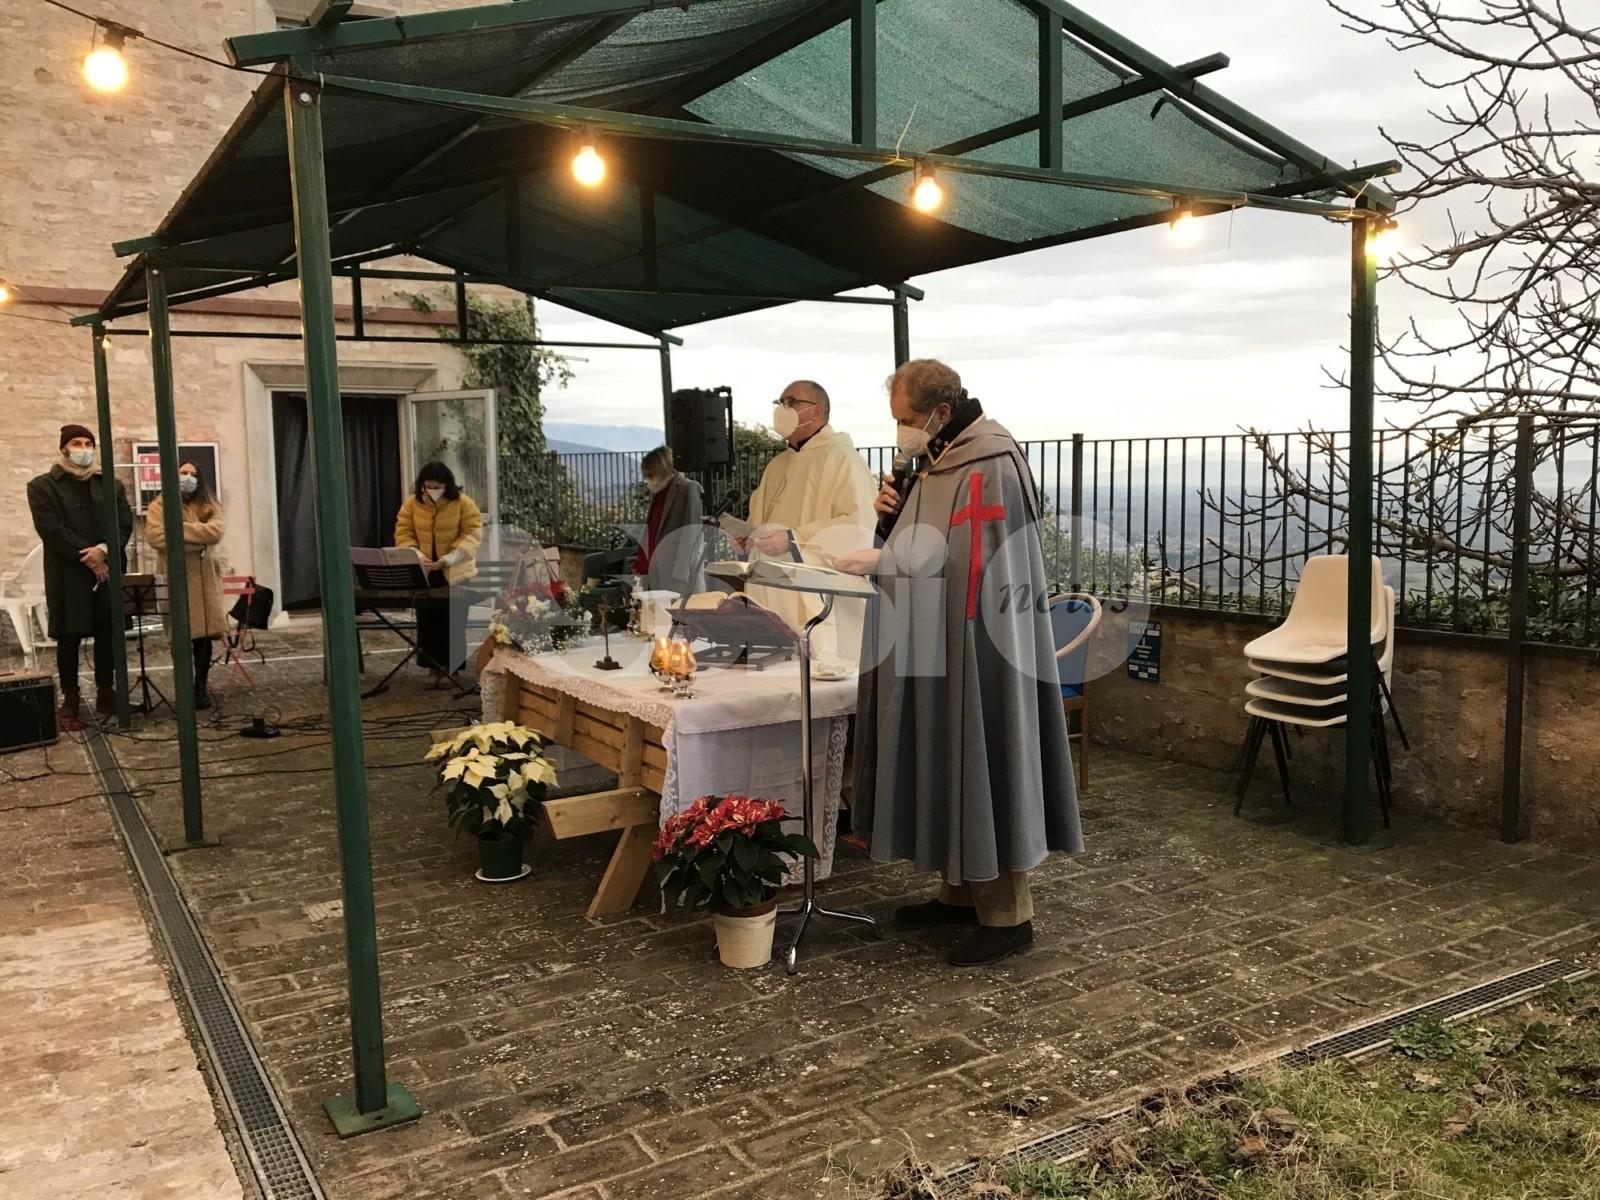 Casa di Riposo Andrea Rossi, Natale tra pacchi dono e messa (foto)